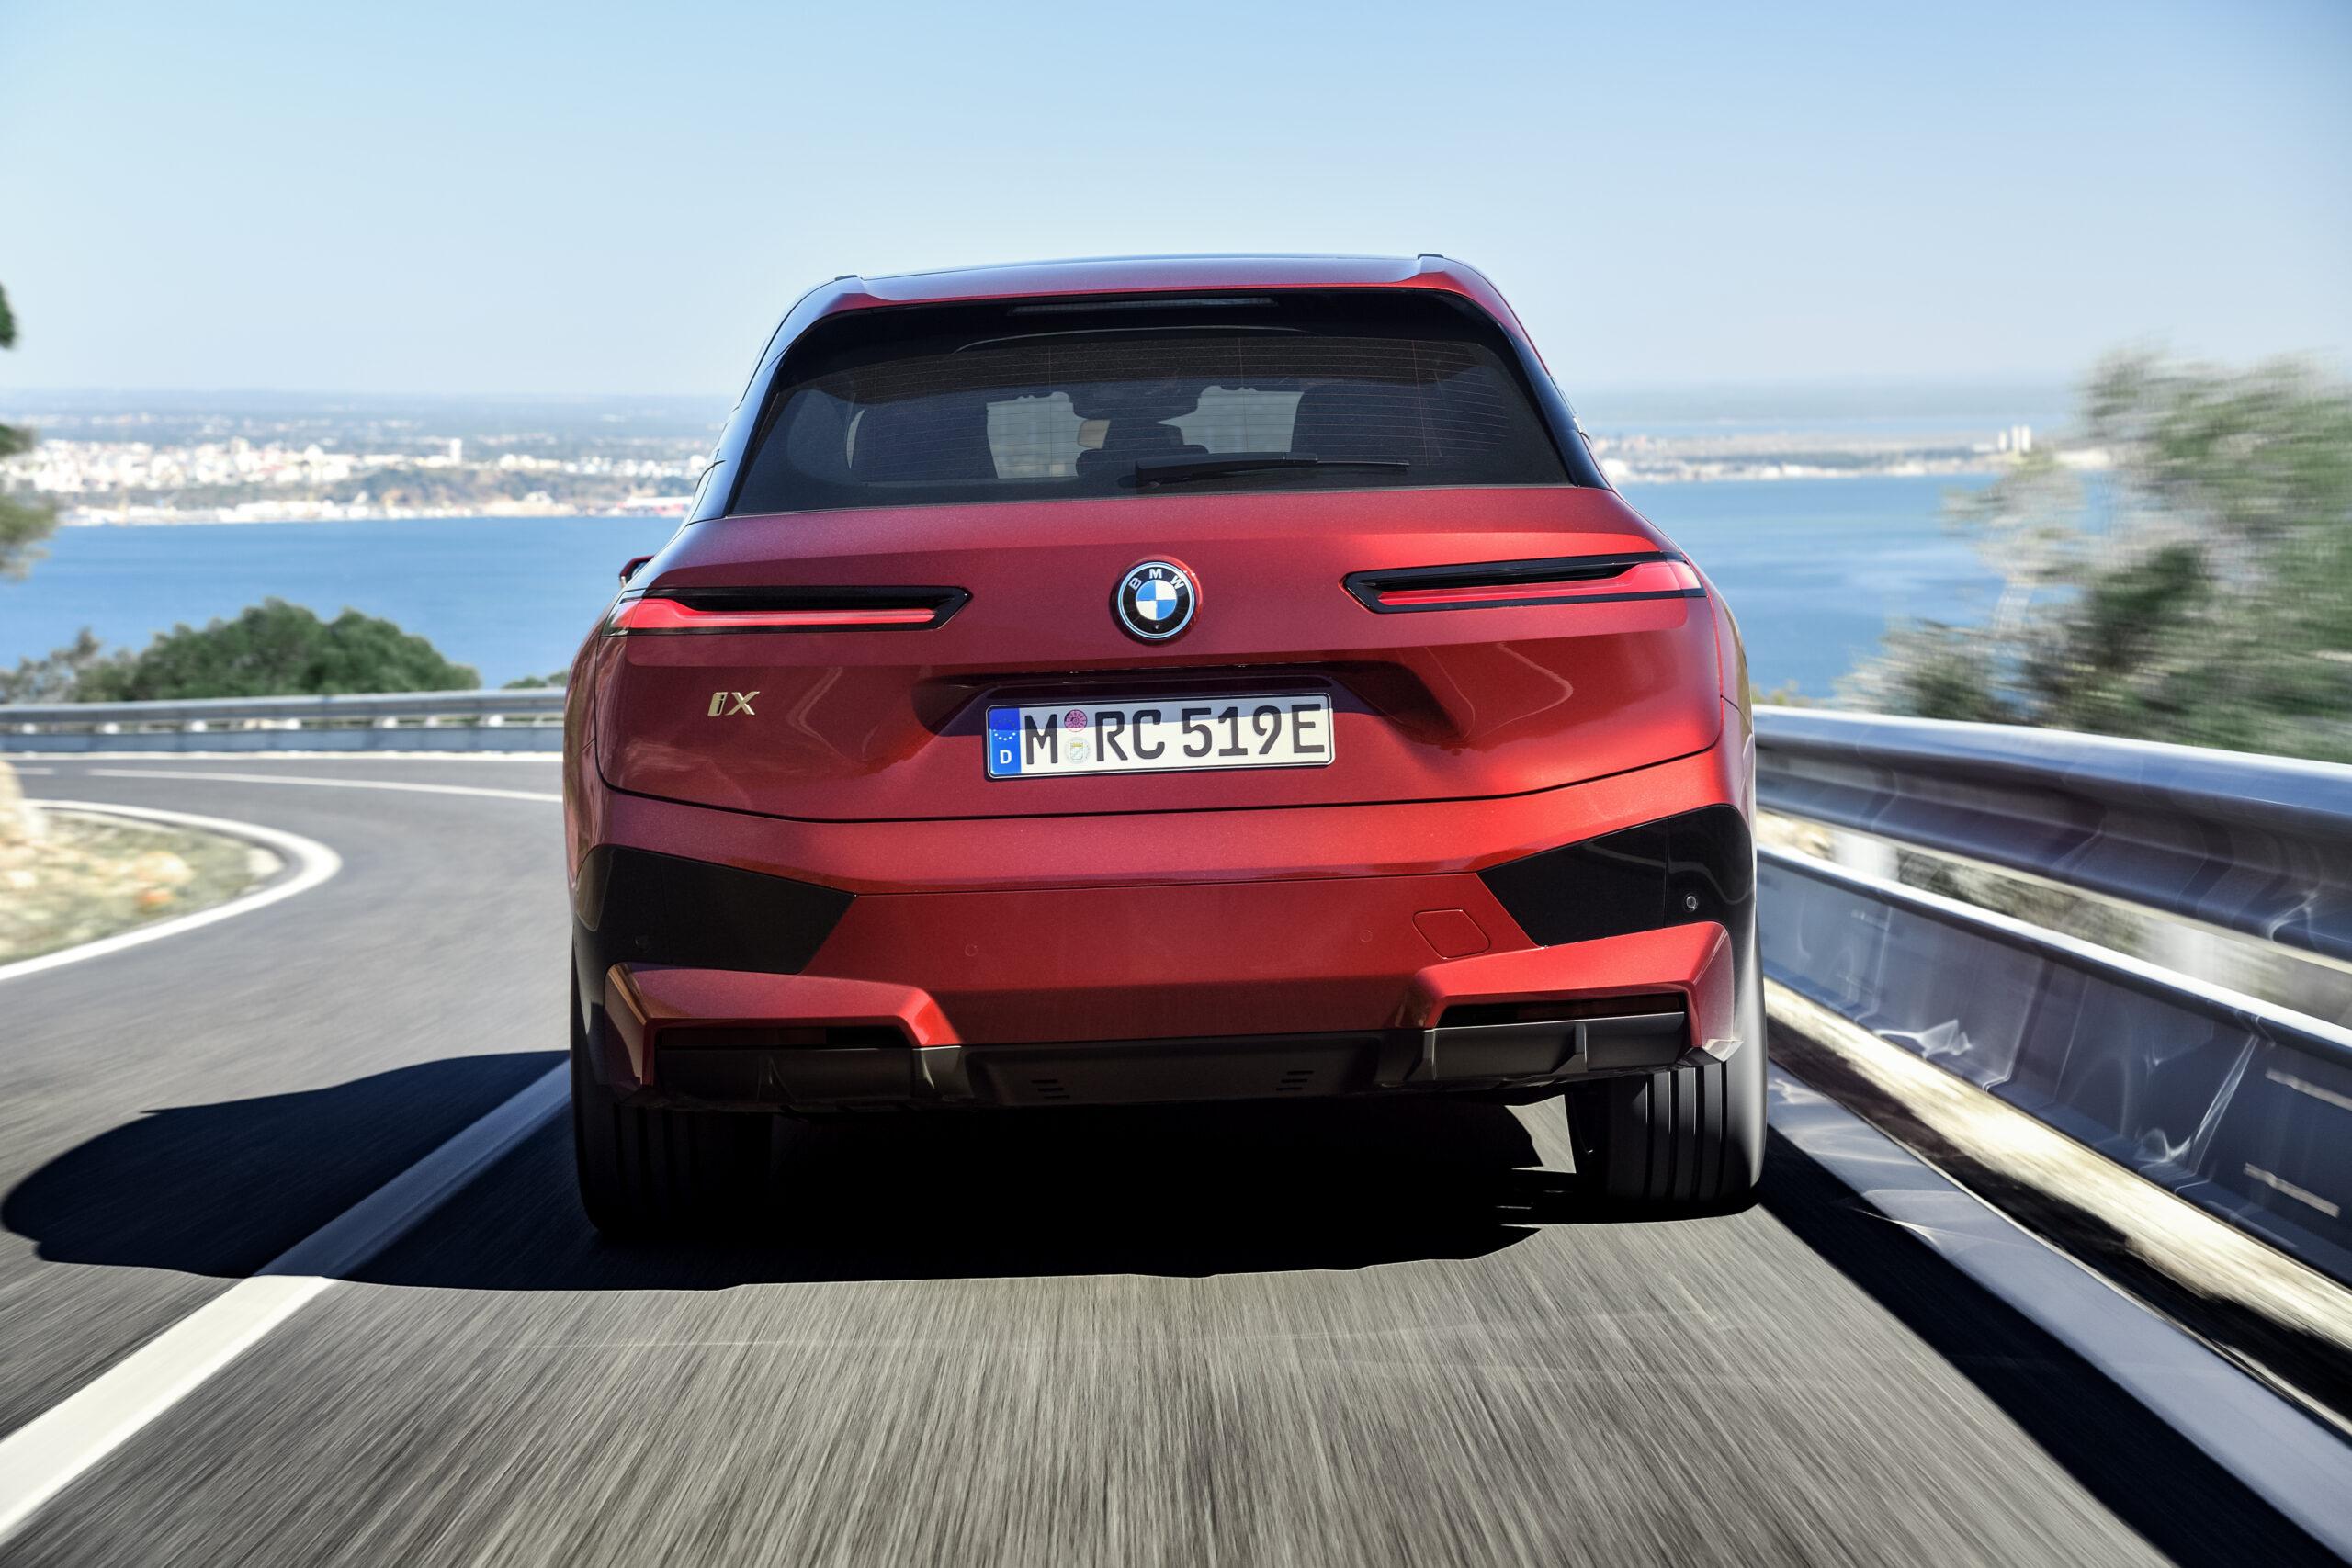 BMW iX rear view.